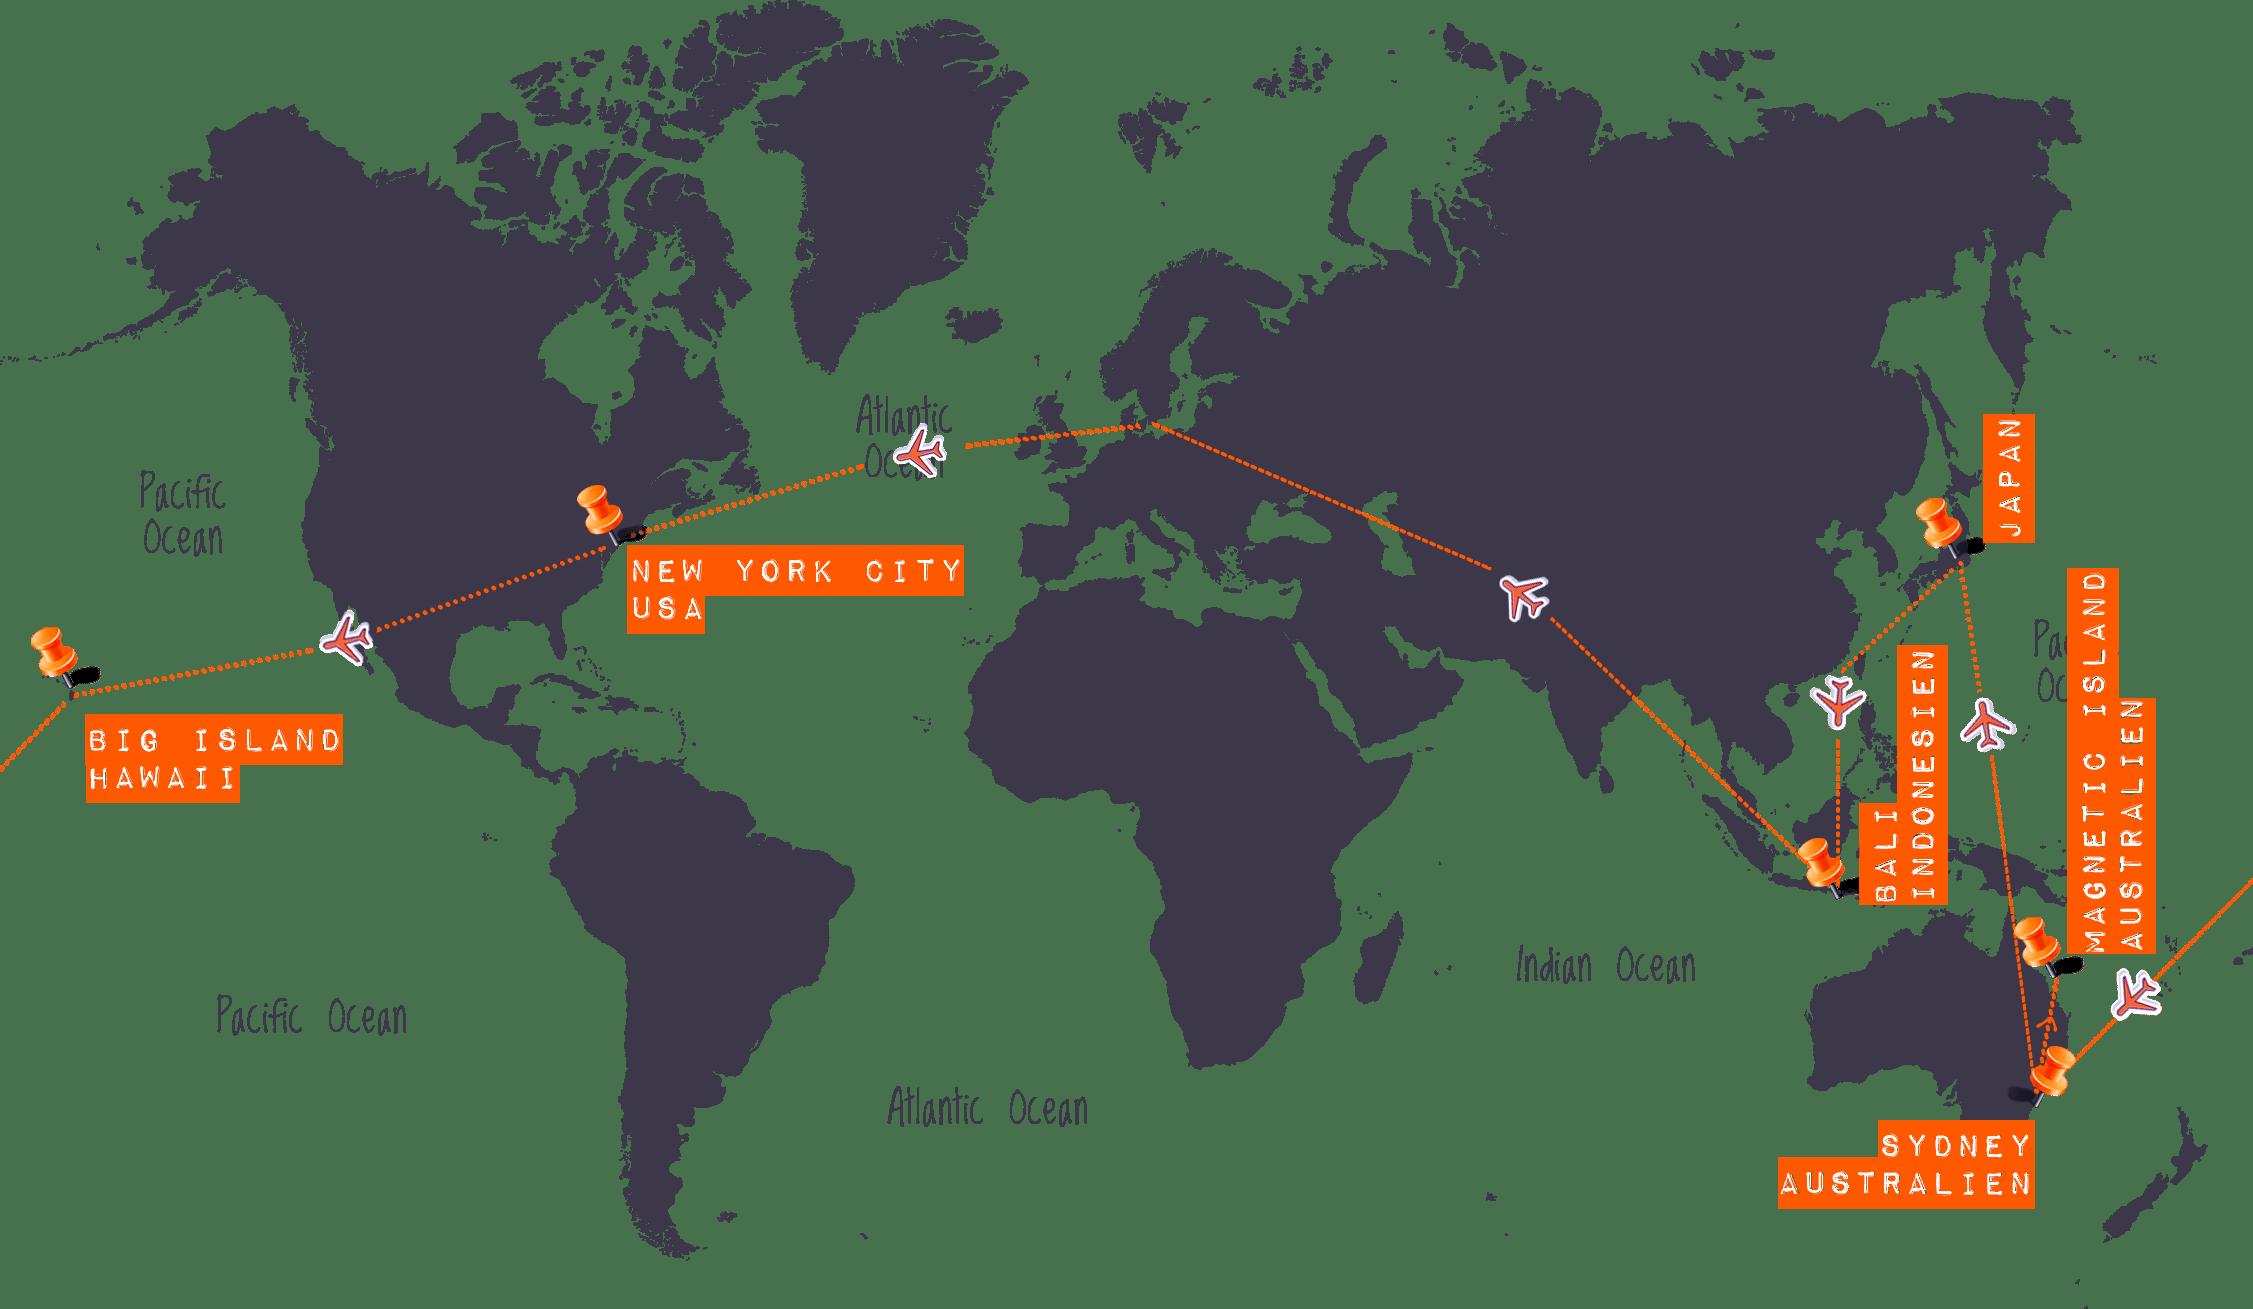 World Map - Hawaii, Australien, Japan, Bali & Gili Islands - Højskole i Udlandet, HÖJSKOLENDK